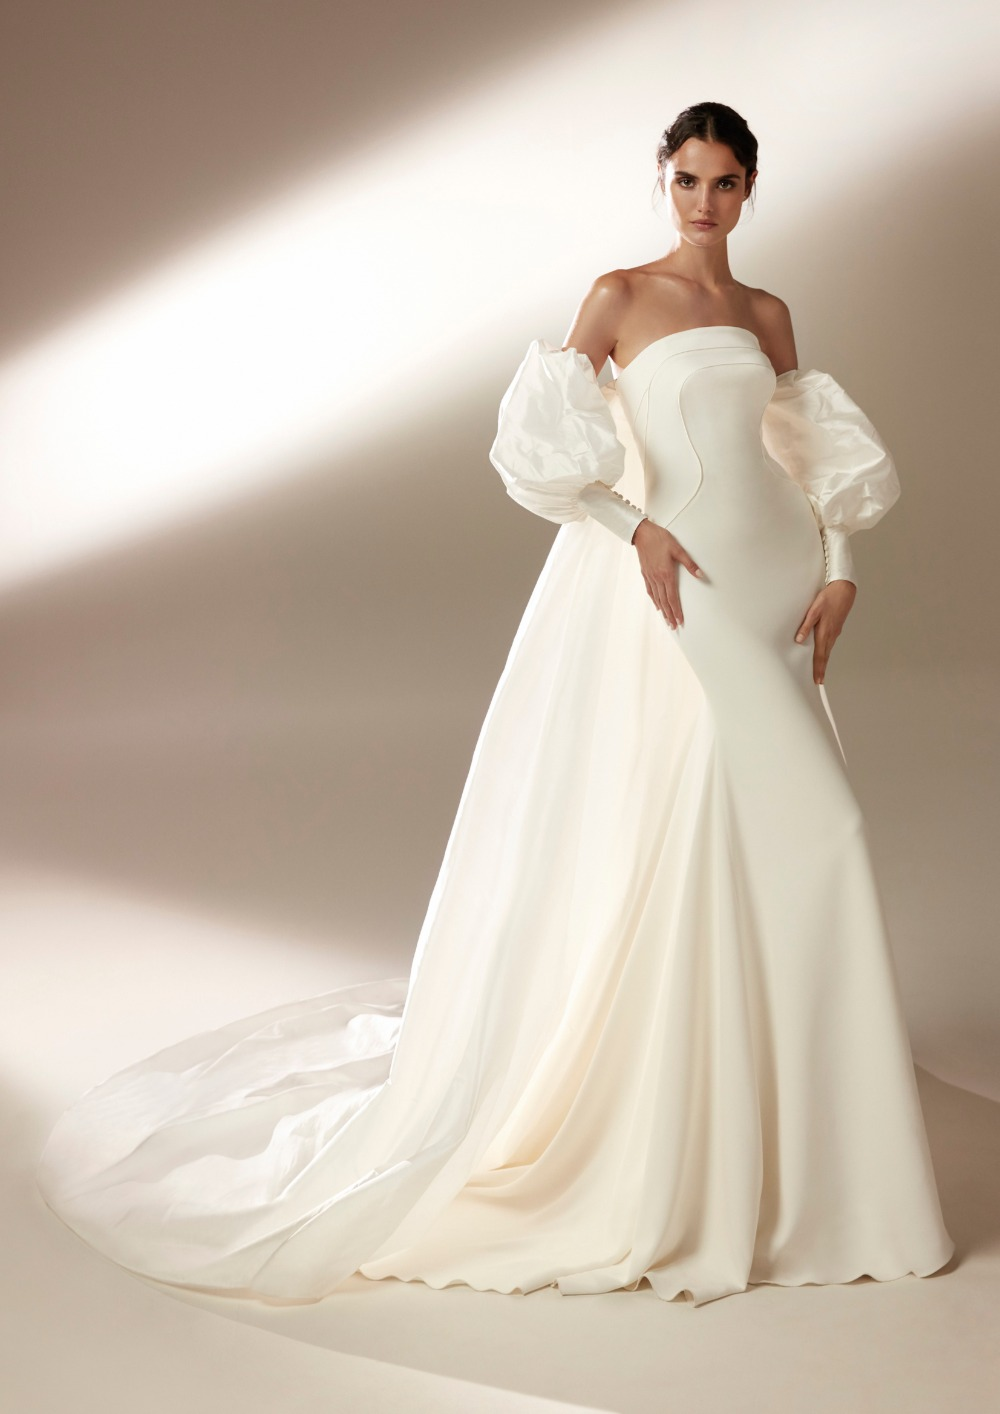 Atelier Pronovias * Svadobné šaty z kolekcie na 2021 - Obrázok č. 22